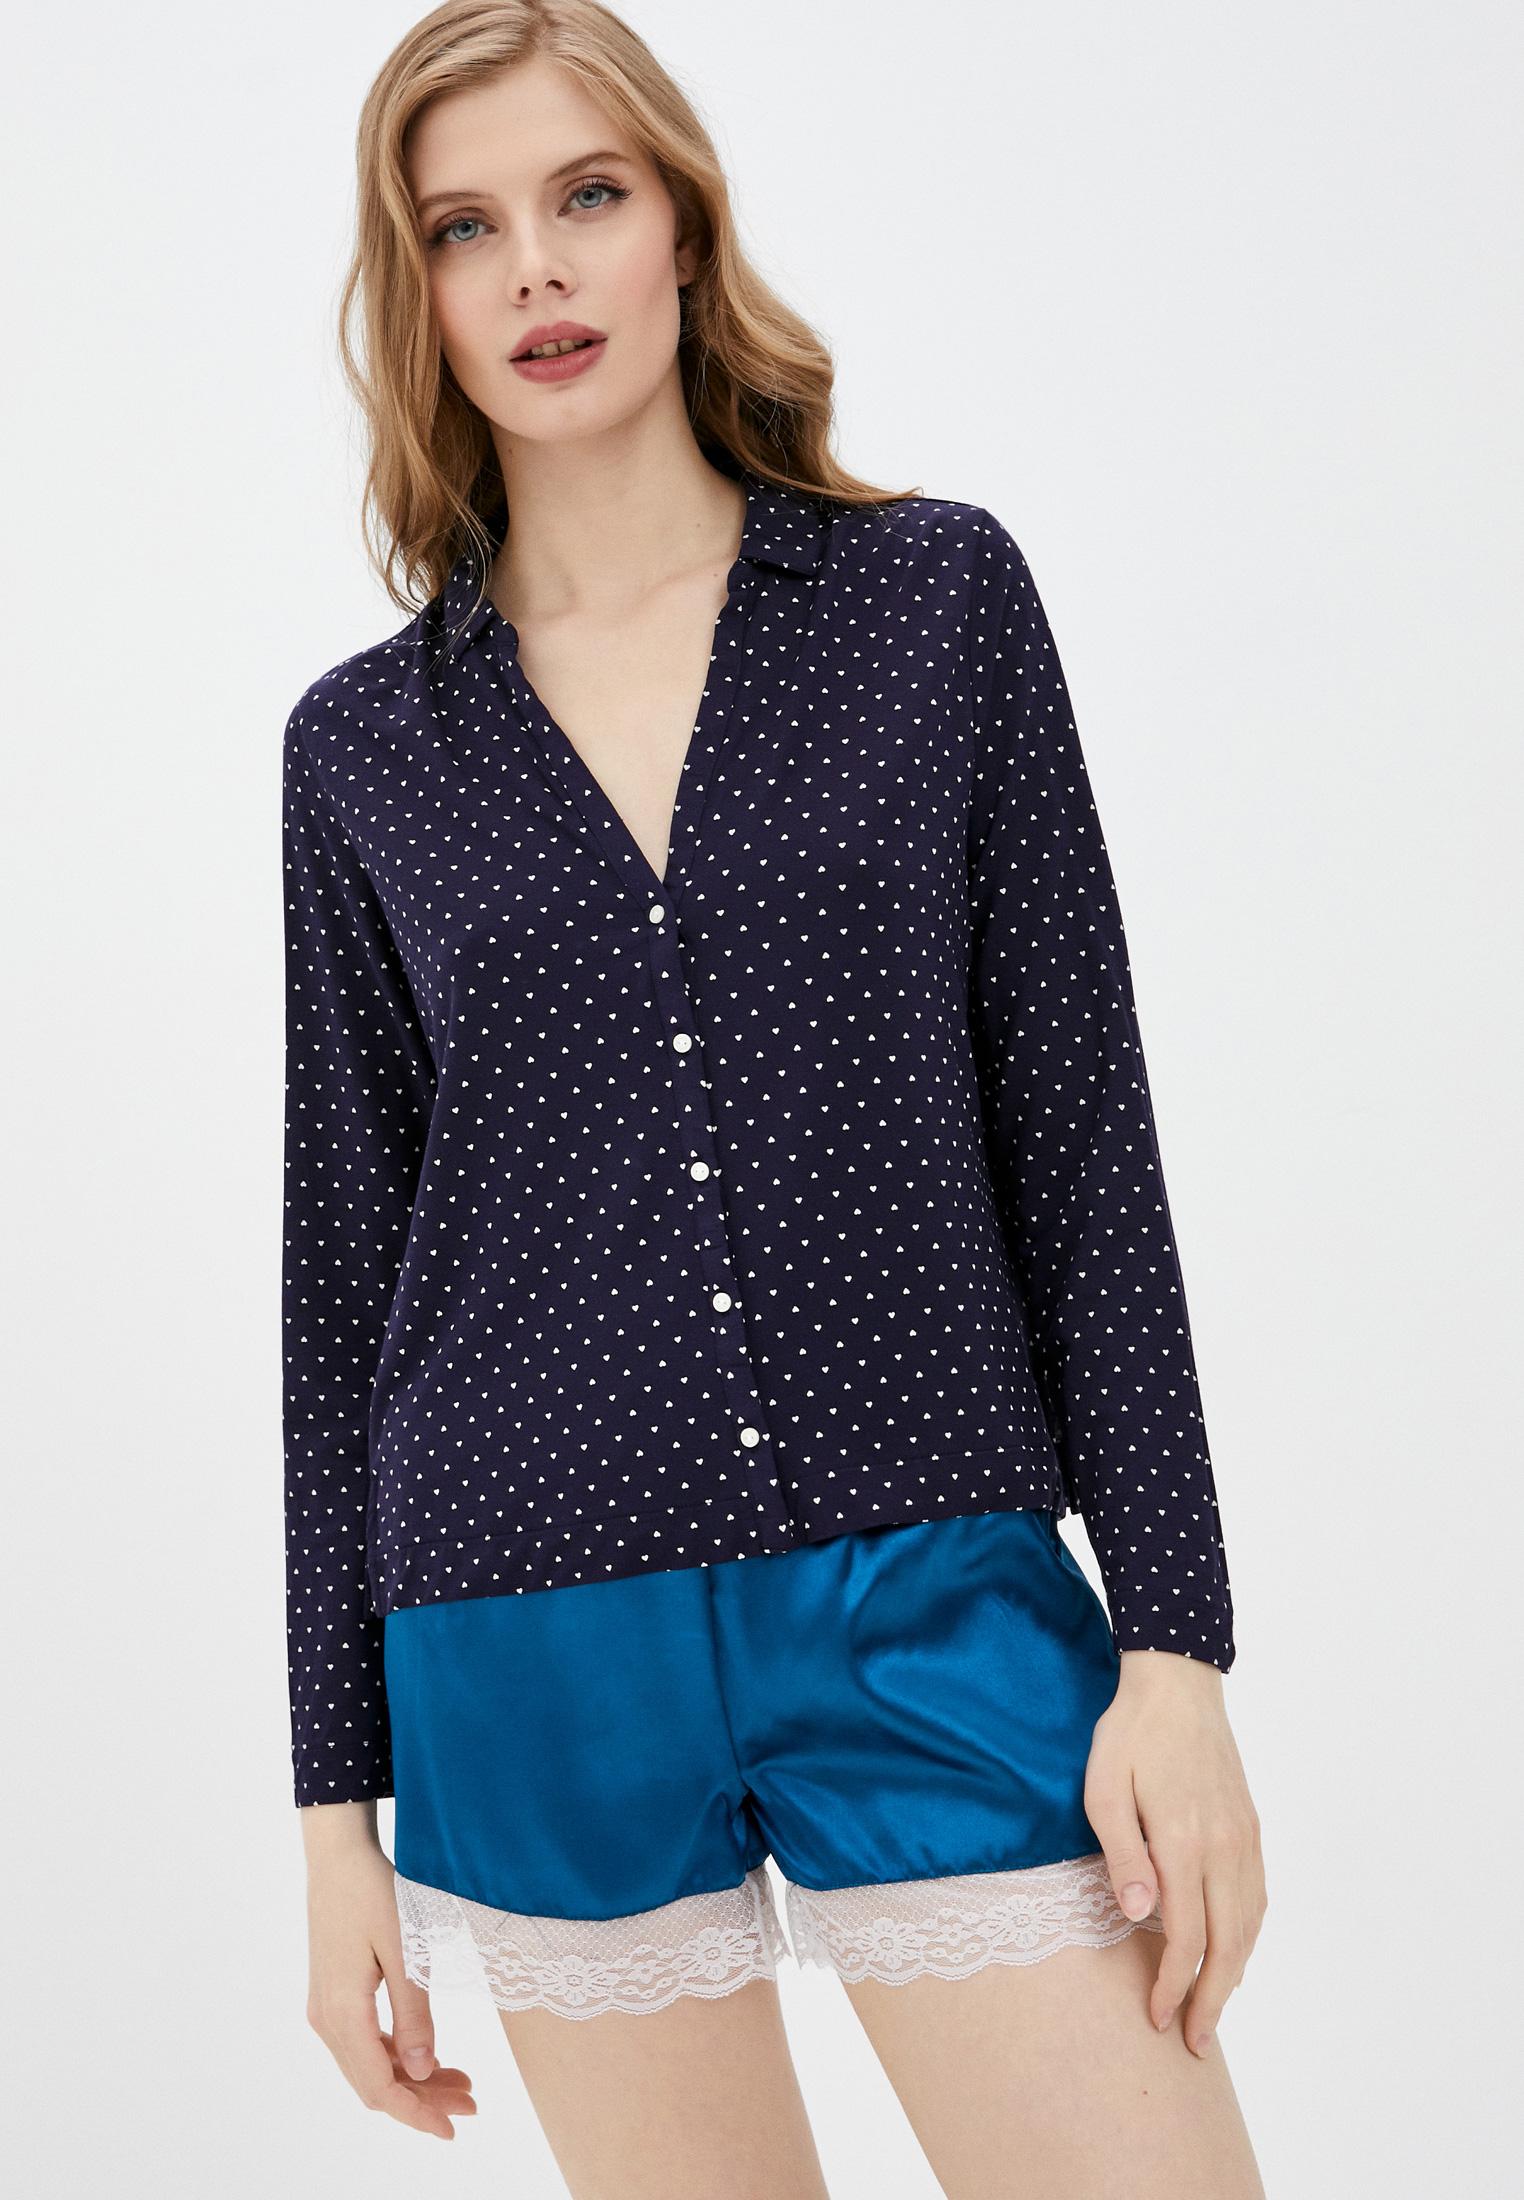 Женское белье и одежда для дома Gap (ГЭП) Рубашка домашняя Gap